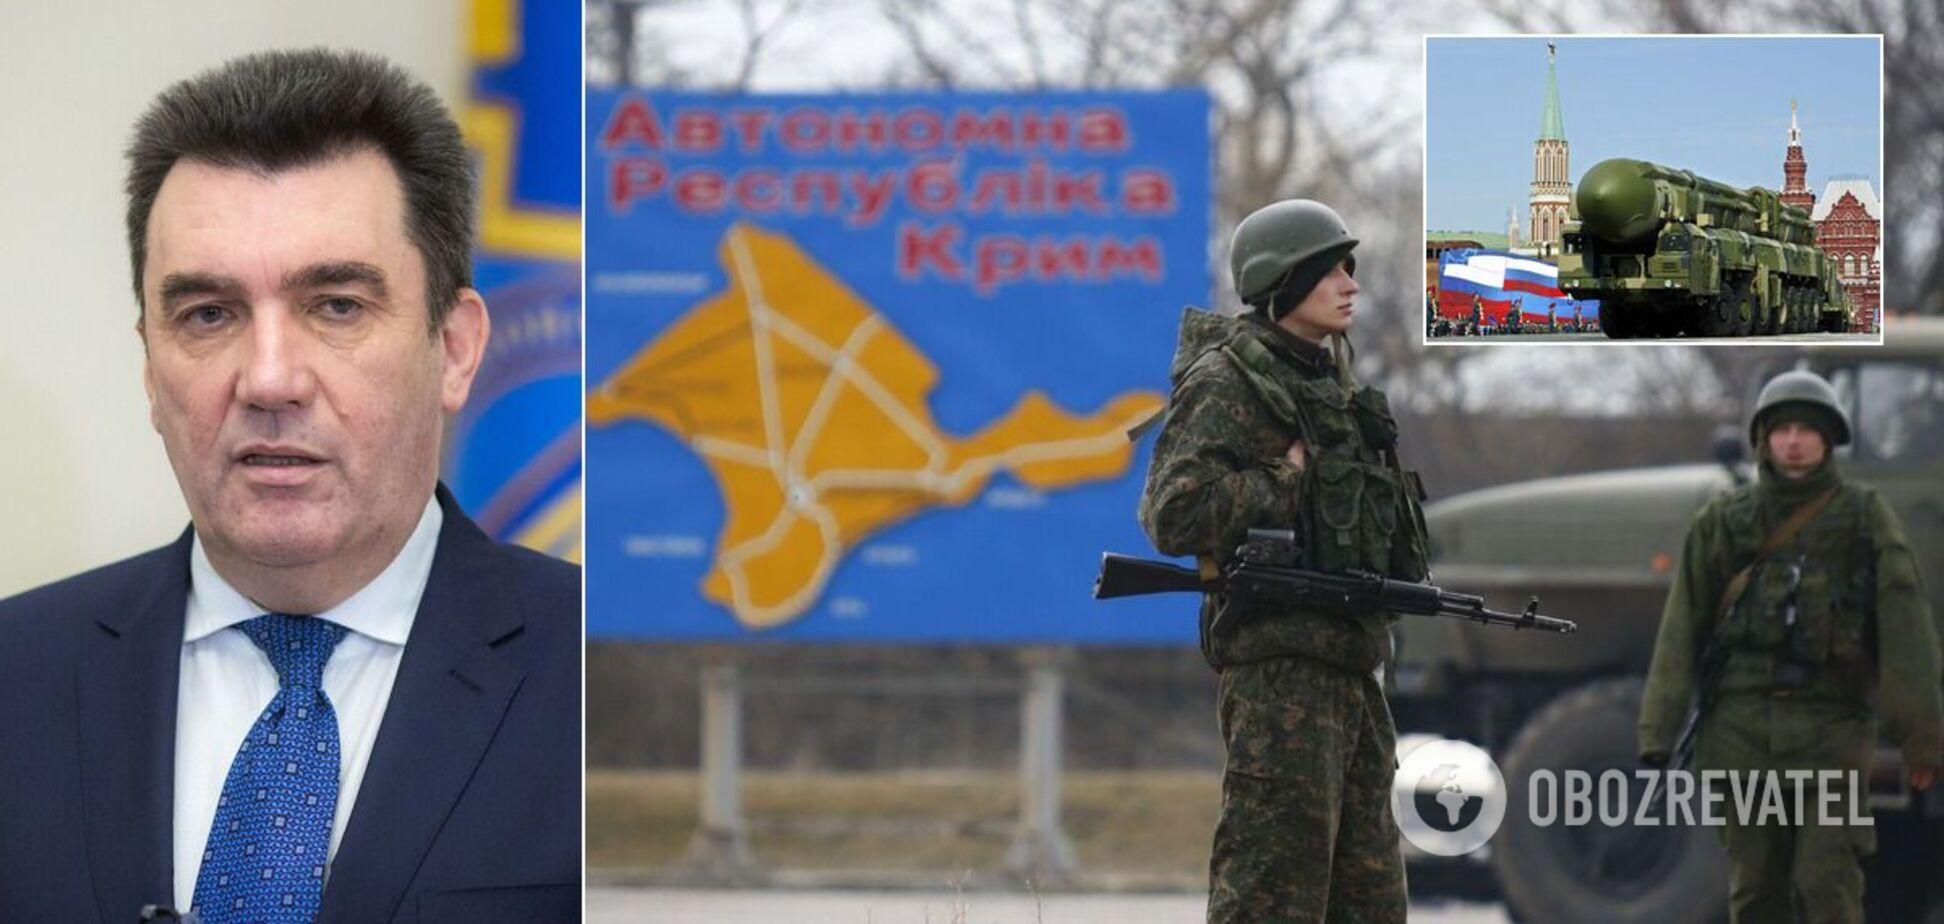 РФ може розмістити ядерну зброю в Криму